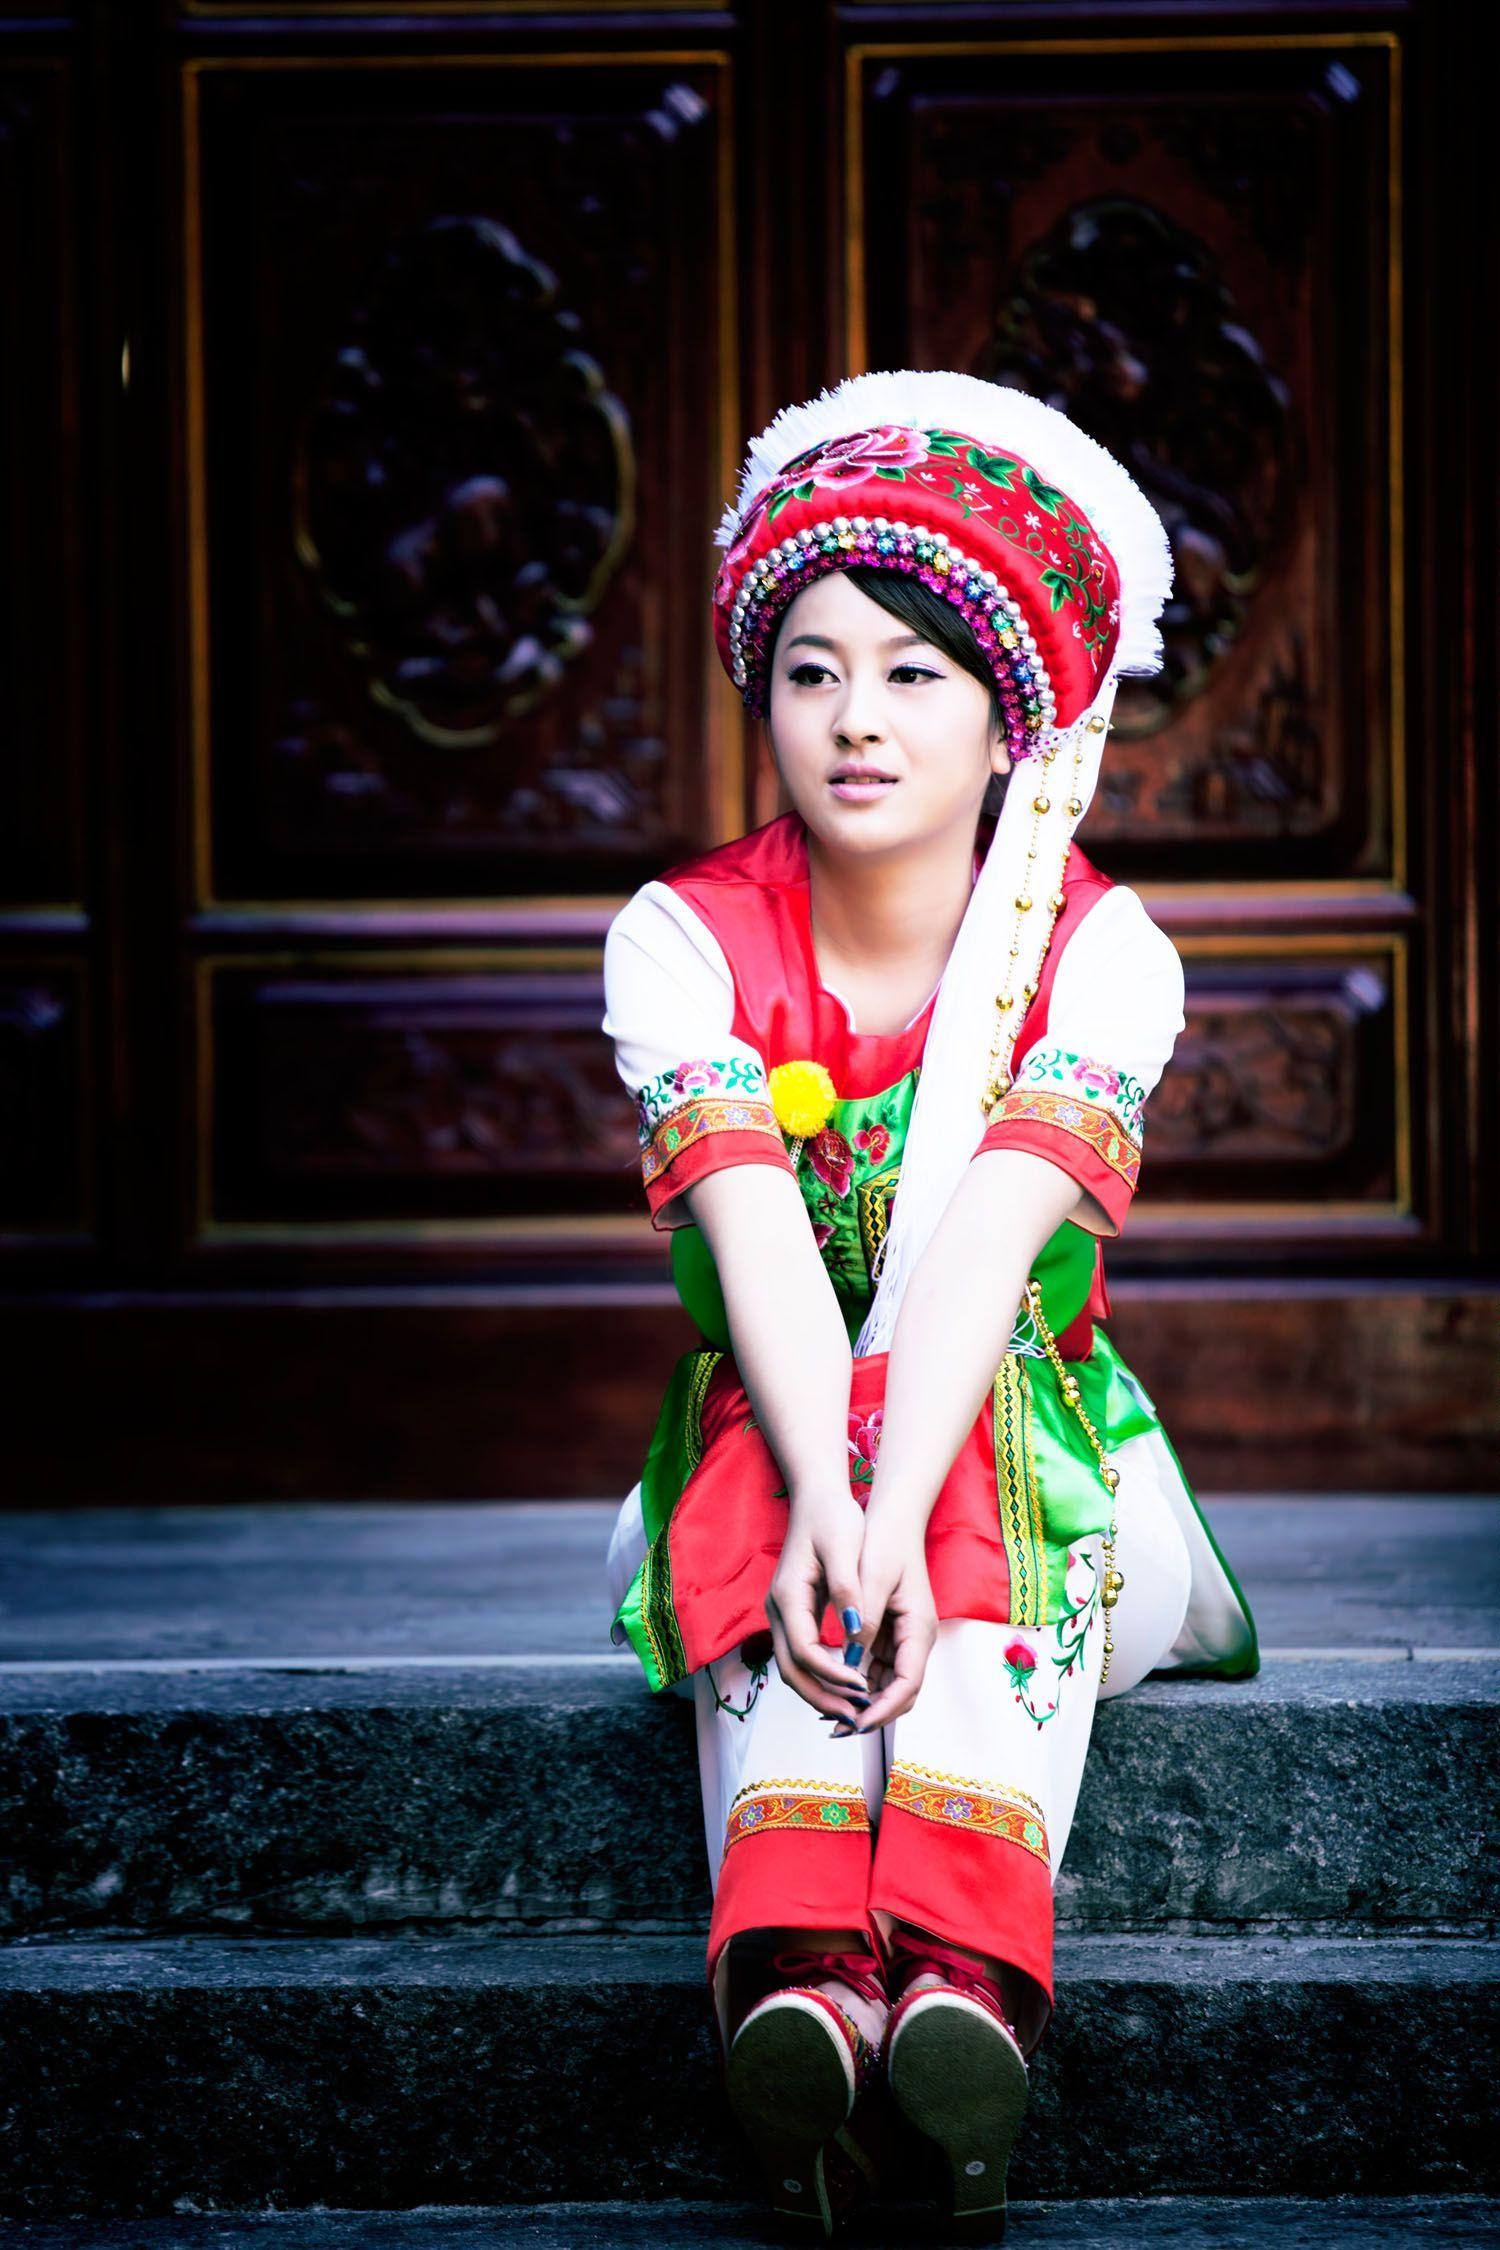 云南大理白族服装图片